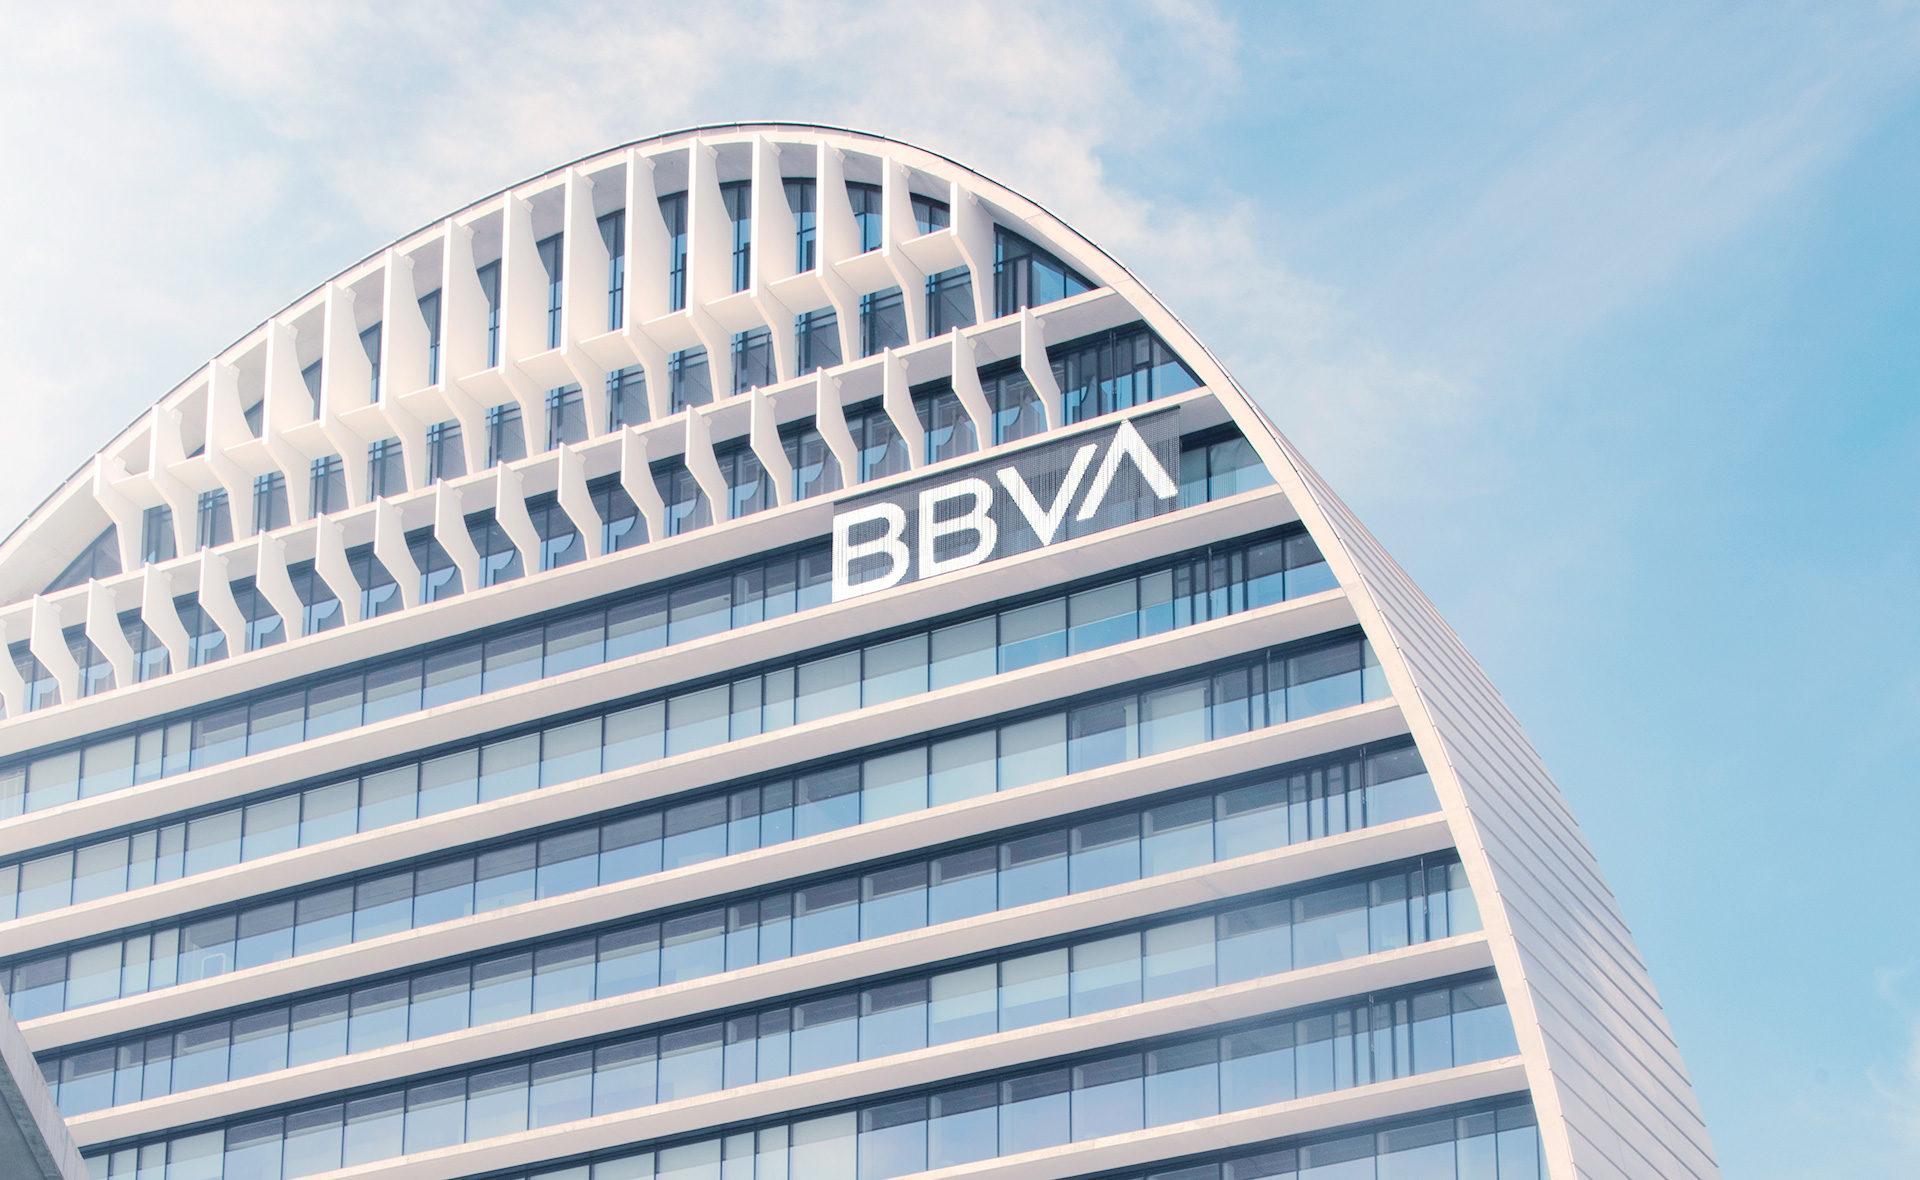 https://shareholdersandinvestors.bbva.com/wp-content/uploads/2021/02/vela1-1920x1180-1.jpg